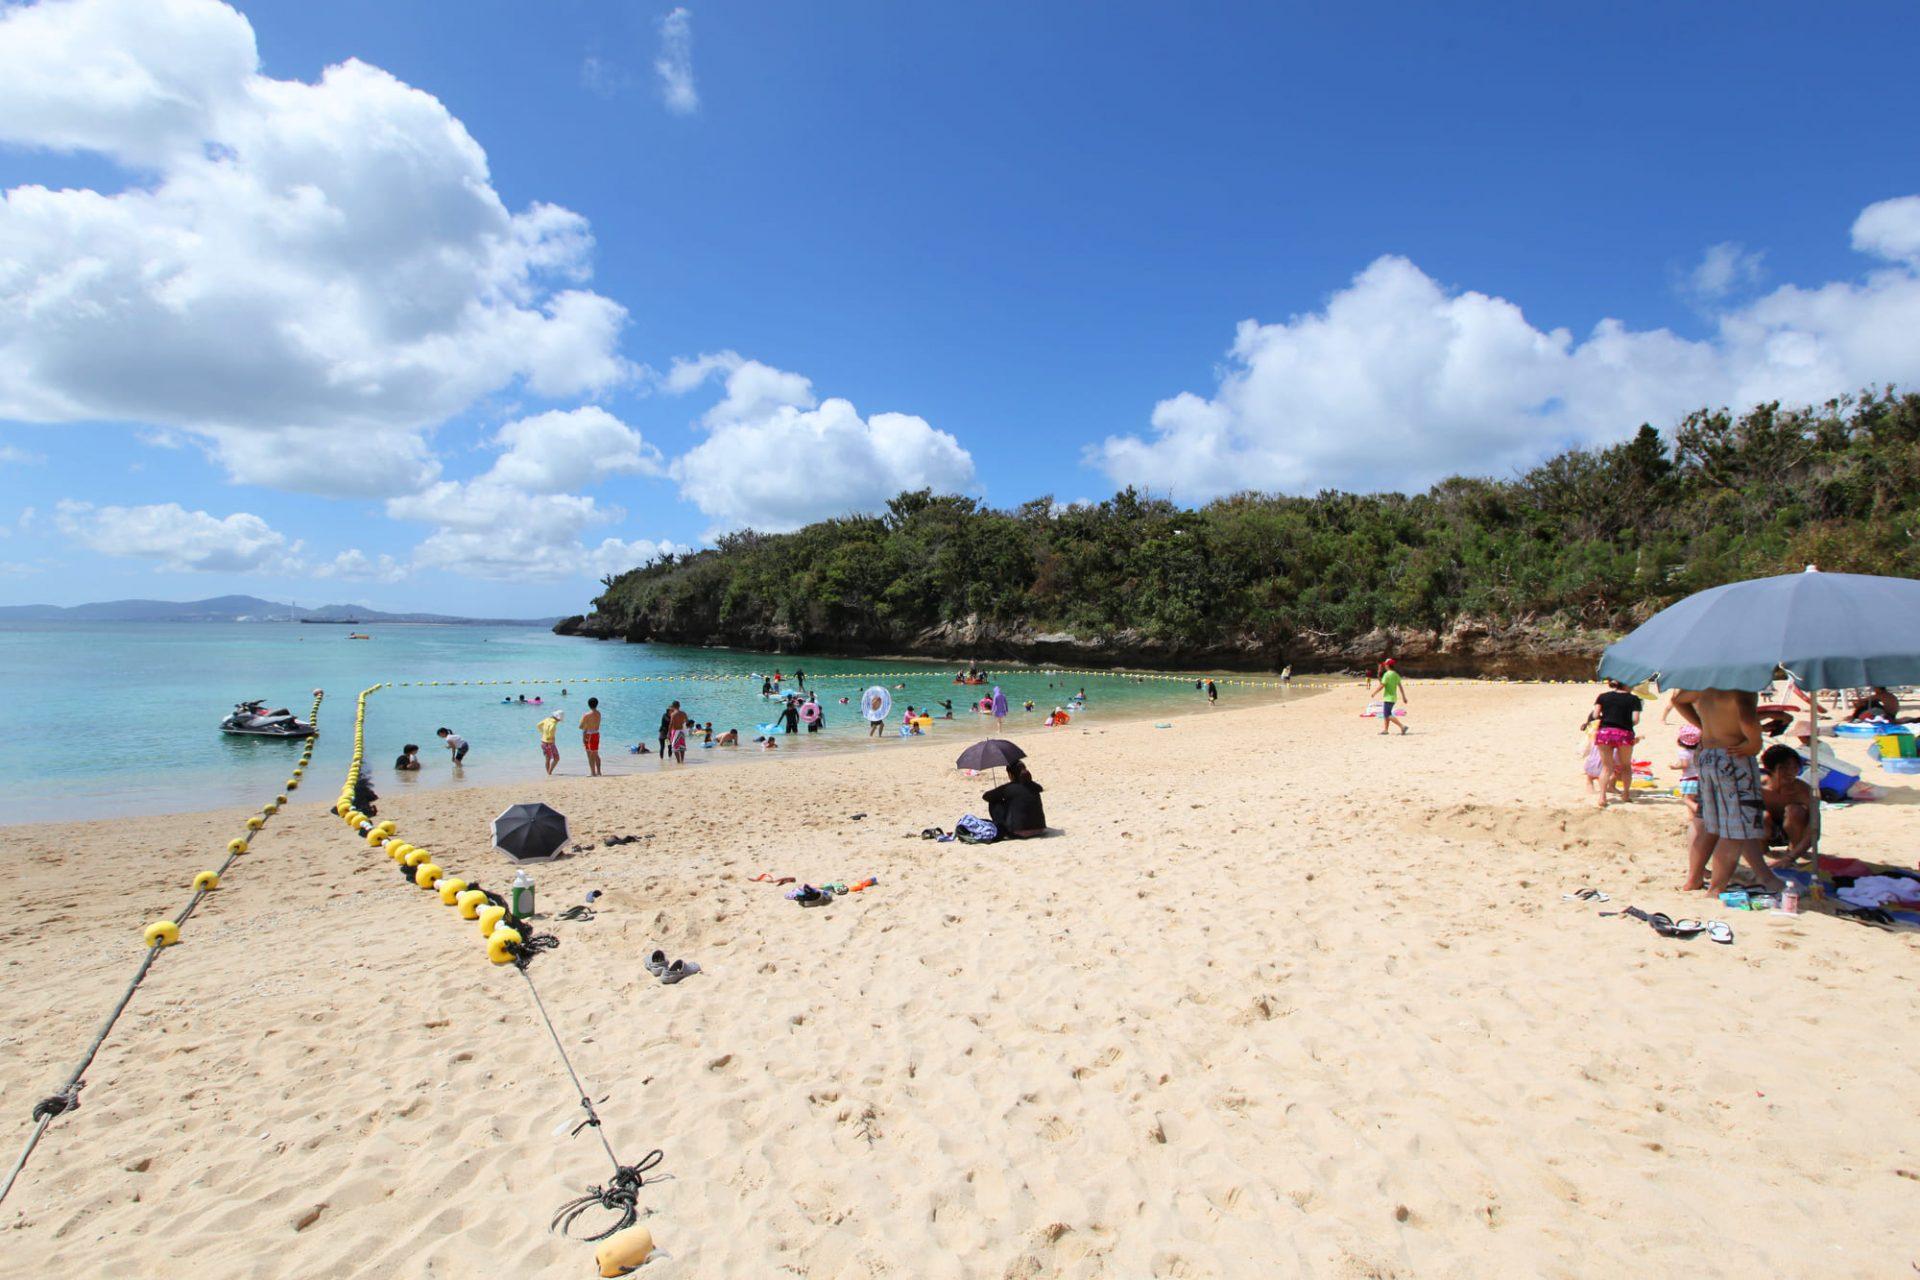 伊計ビーチ うるま市 観光 旅行 沖縄